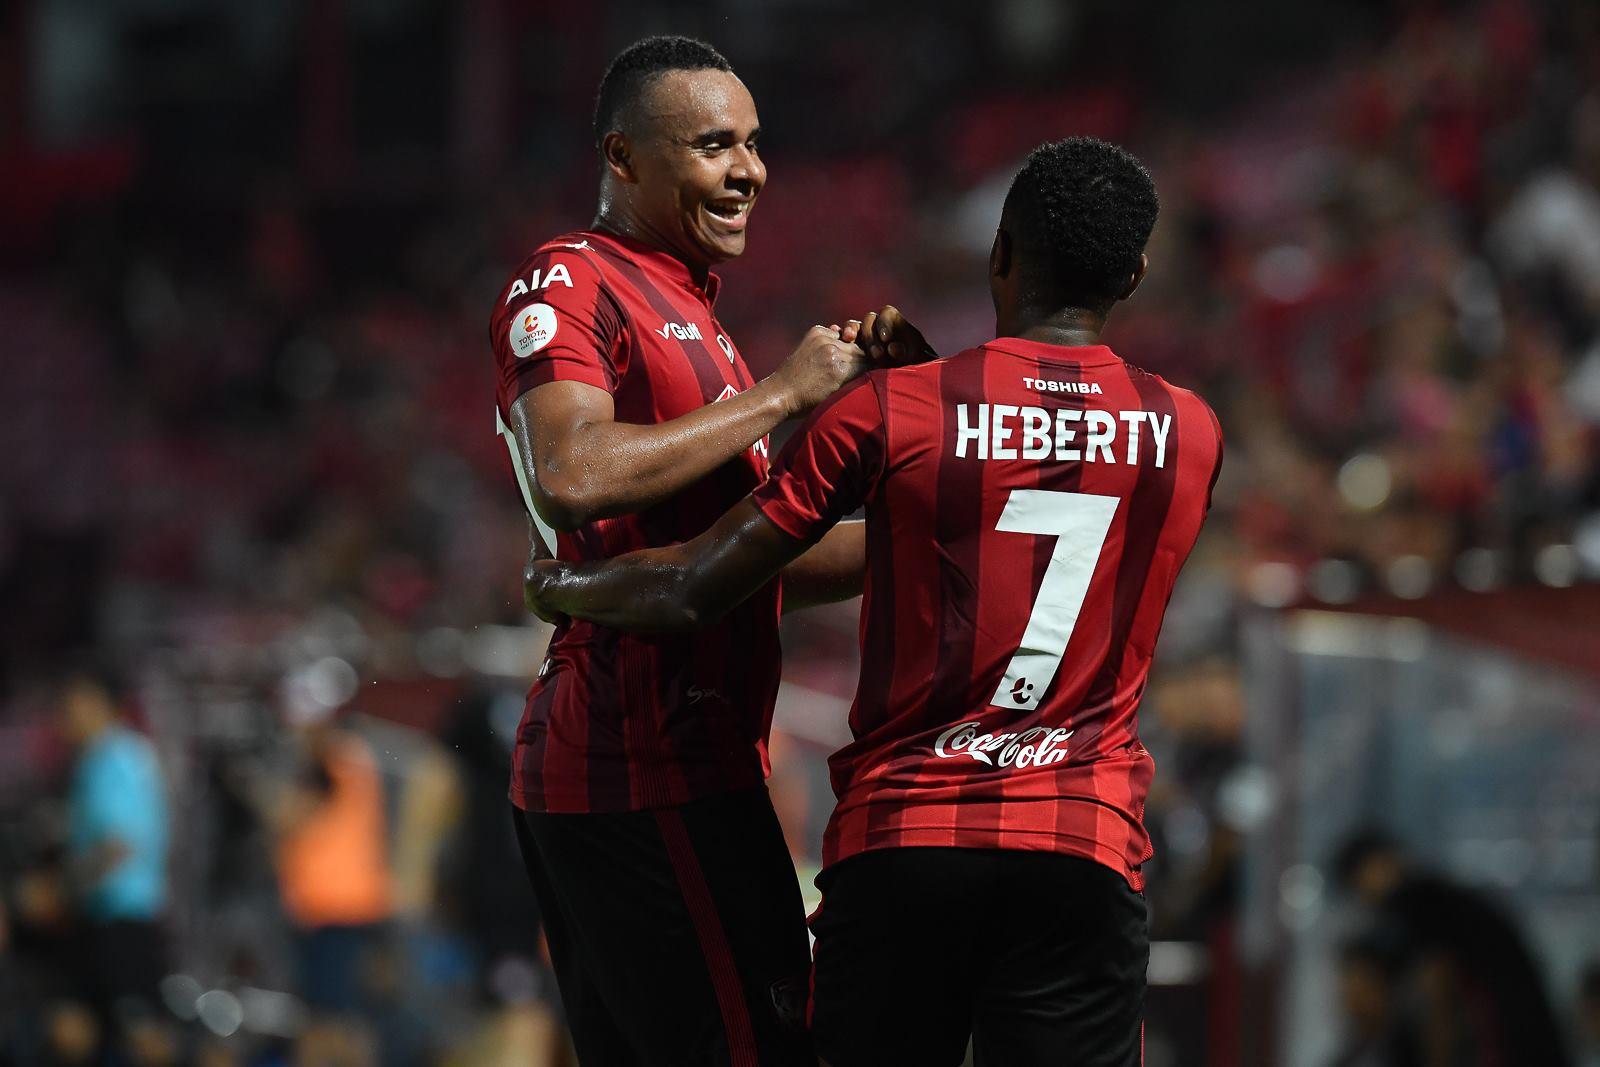 Jajá Coelho & Heberty Fernandes